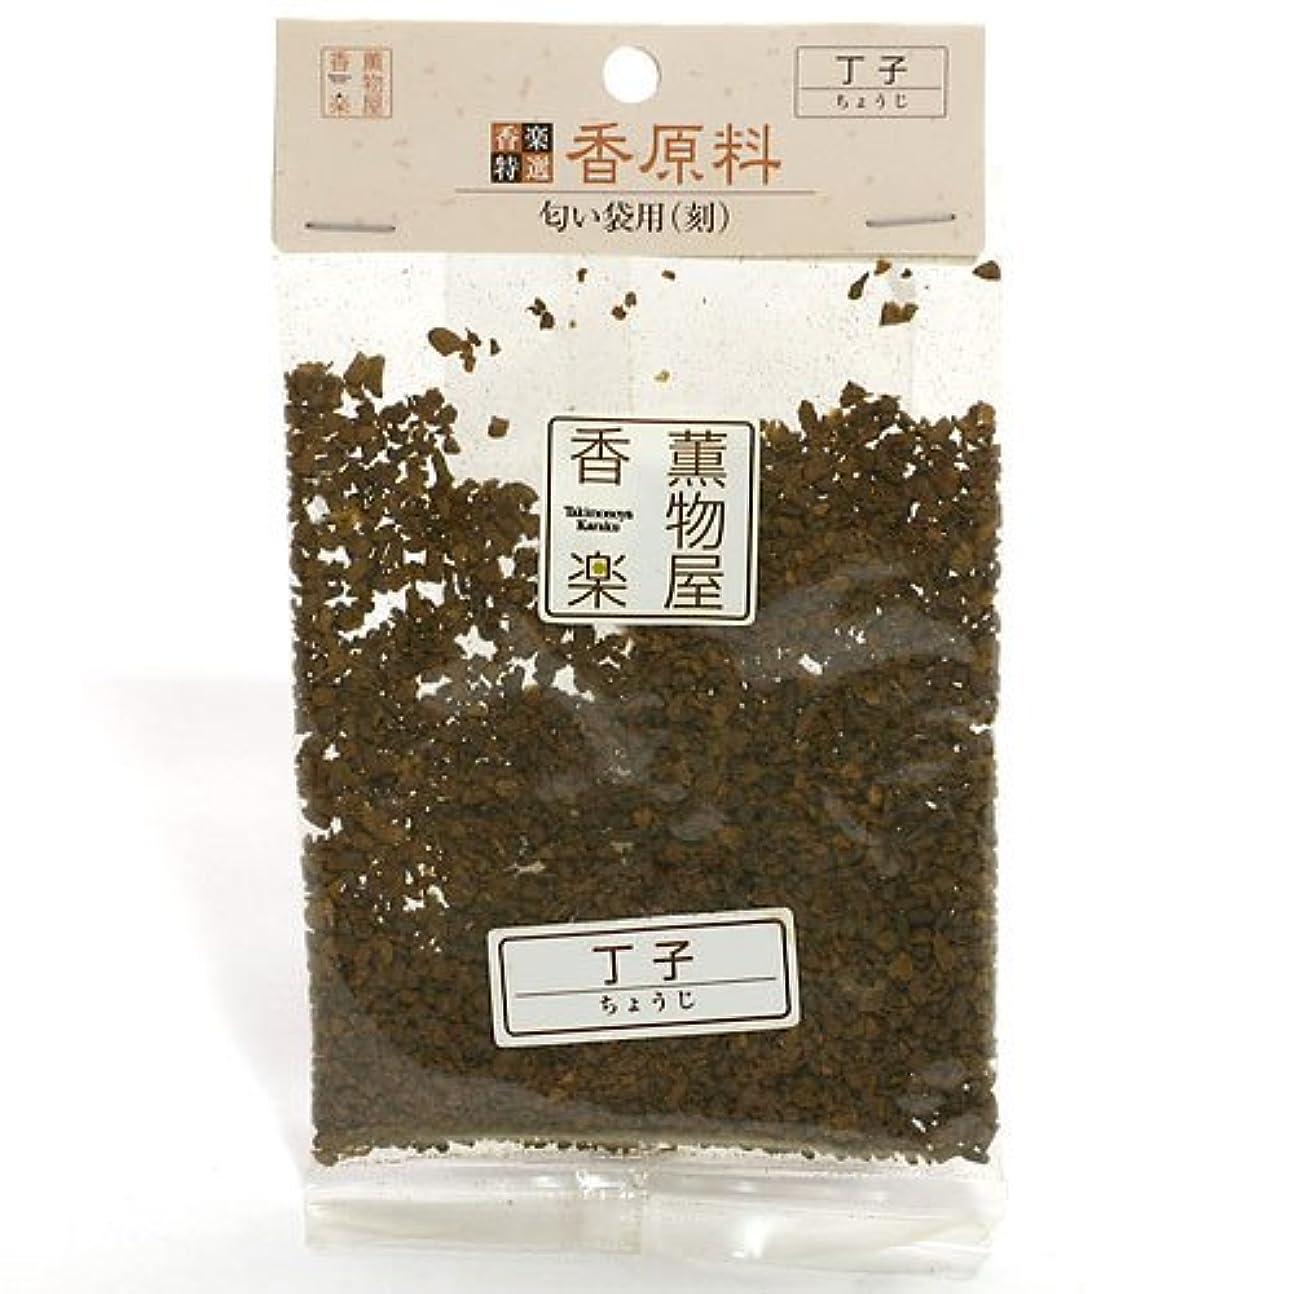 スキル幸運なことにコウモリ天然香原料?刻丁子(ちょうじ)